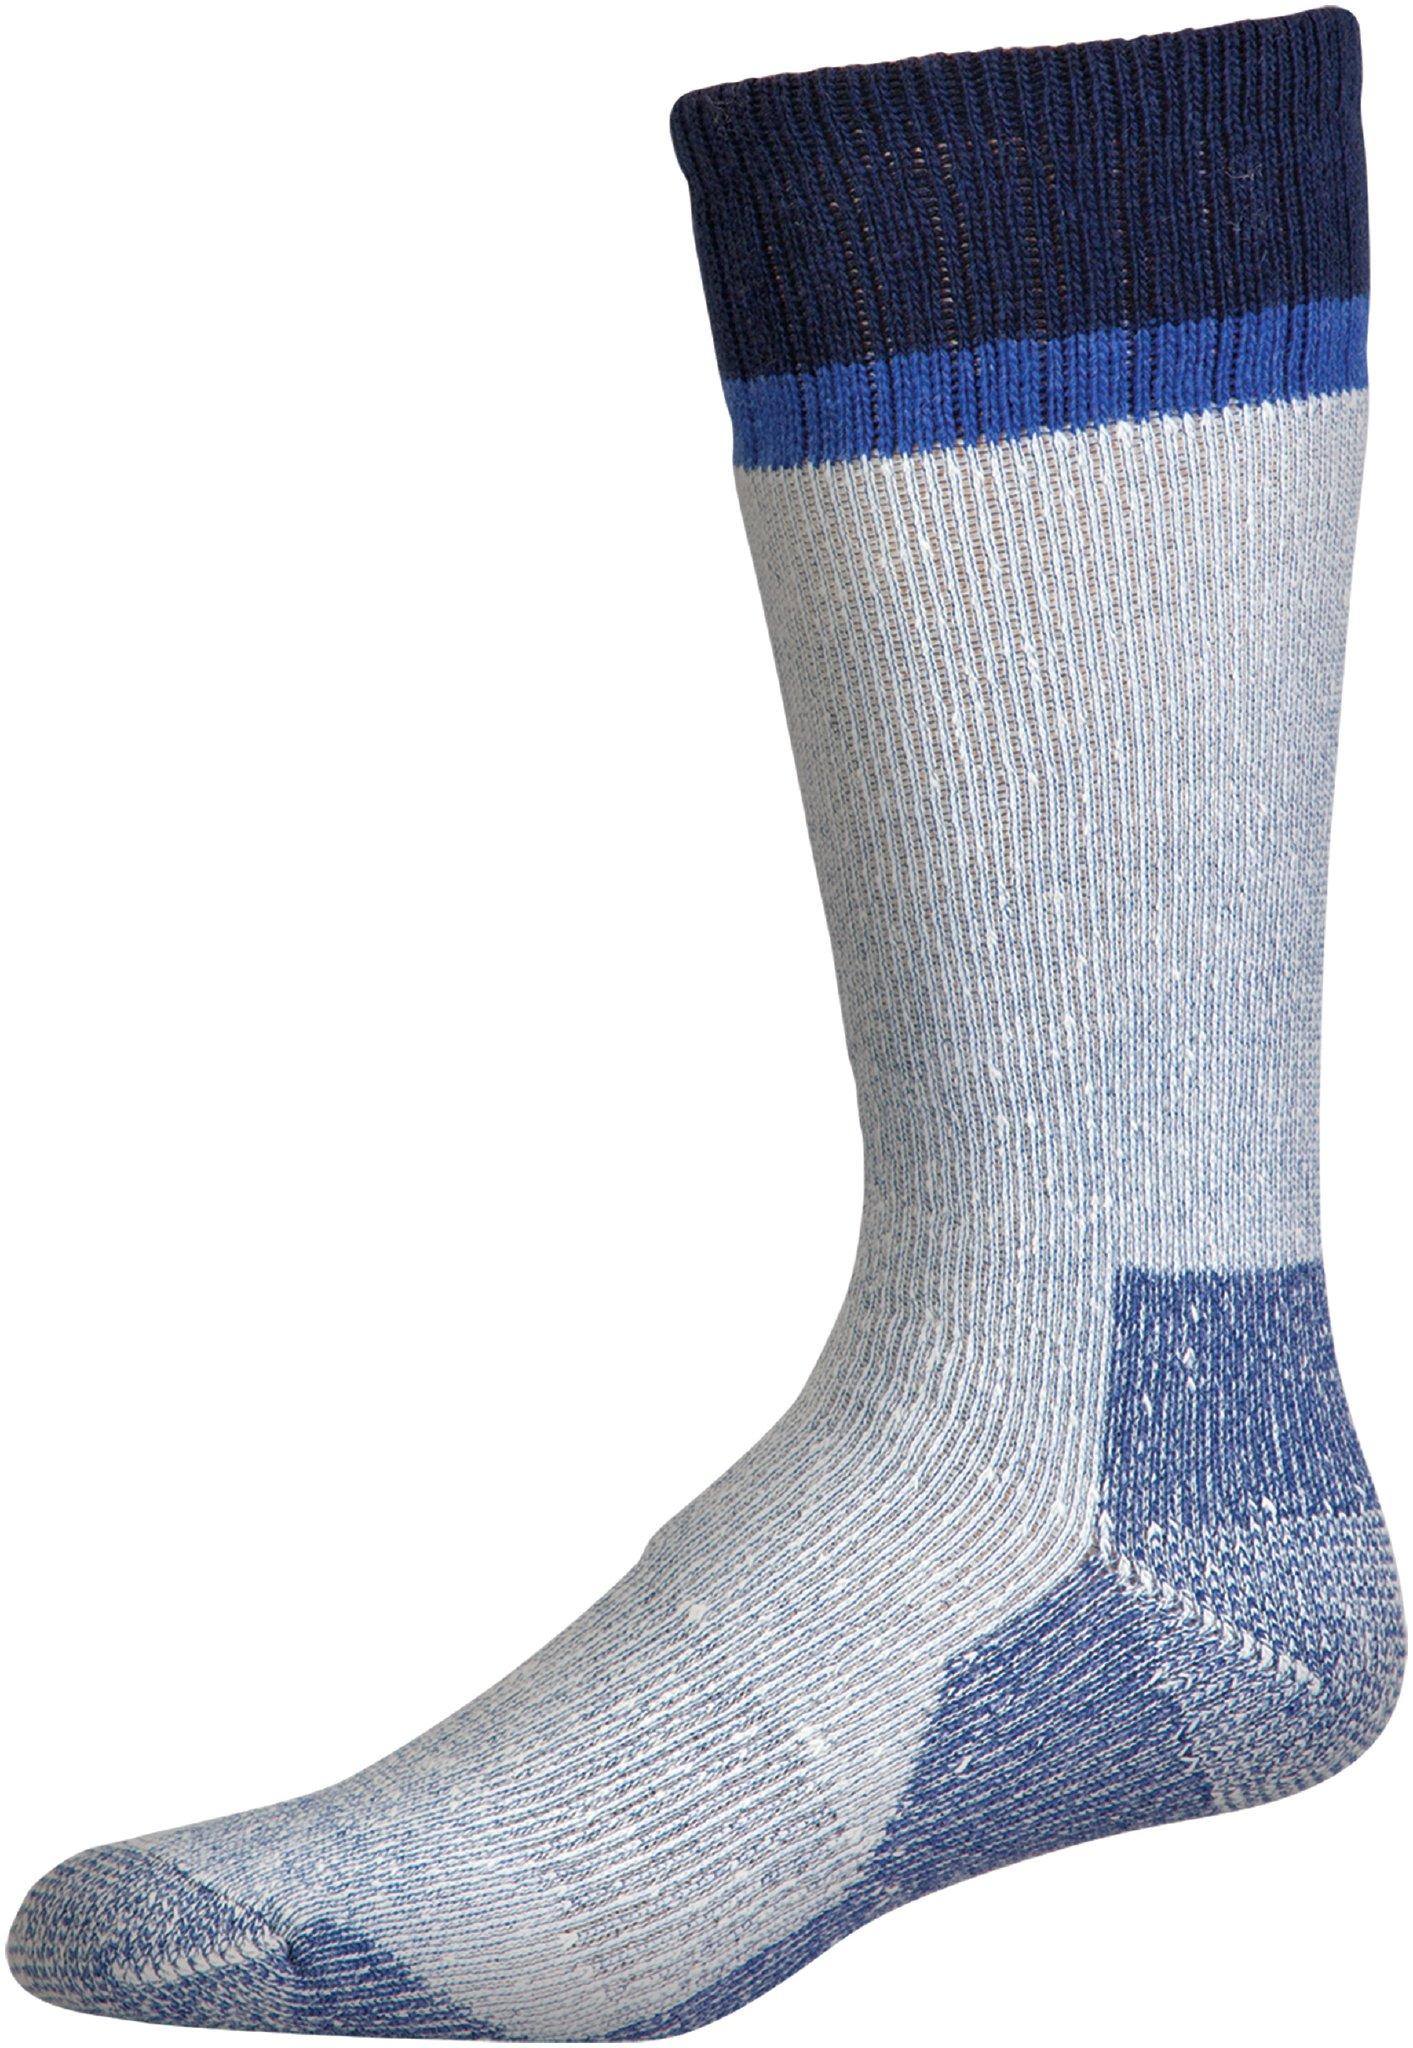 Mossy Oak Men's Mountaineer Acrylic Wool Heavy Weight Crew Socks (2-Pack)